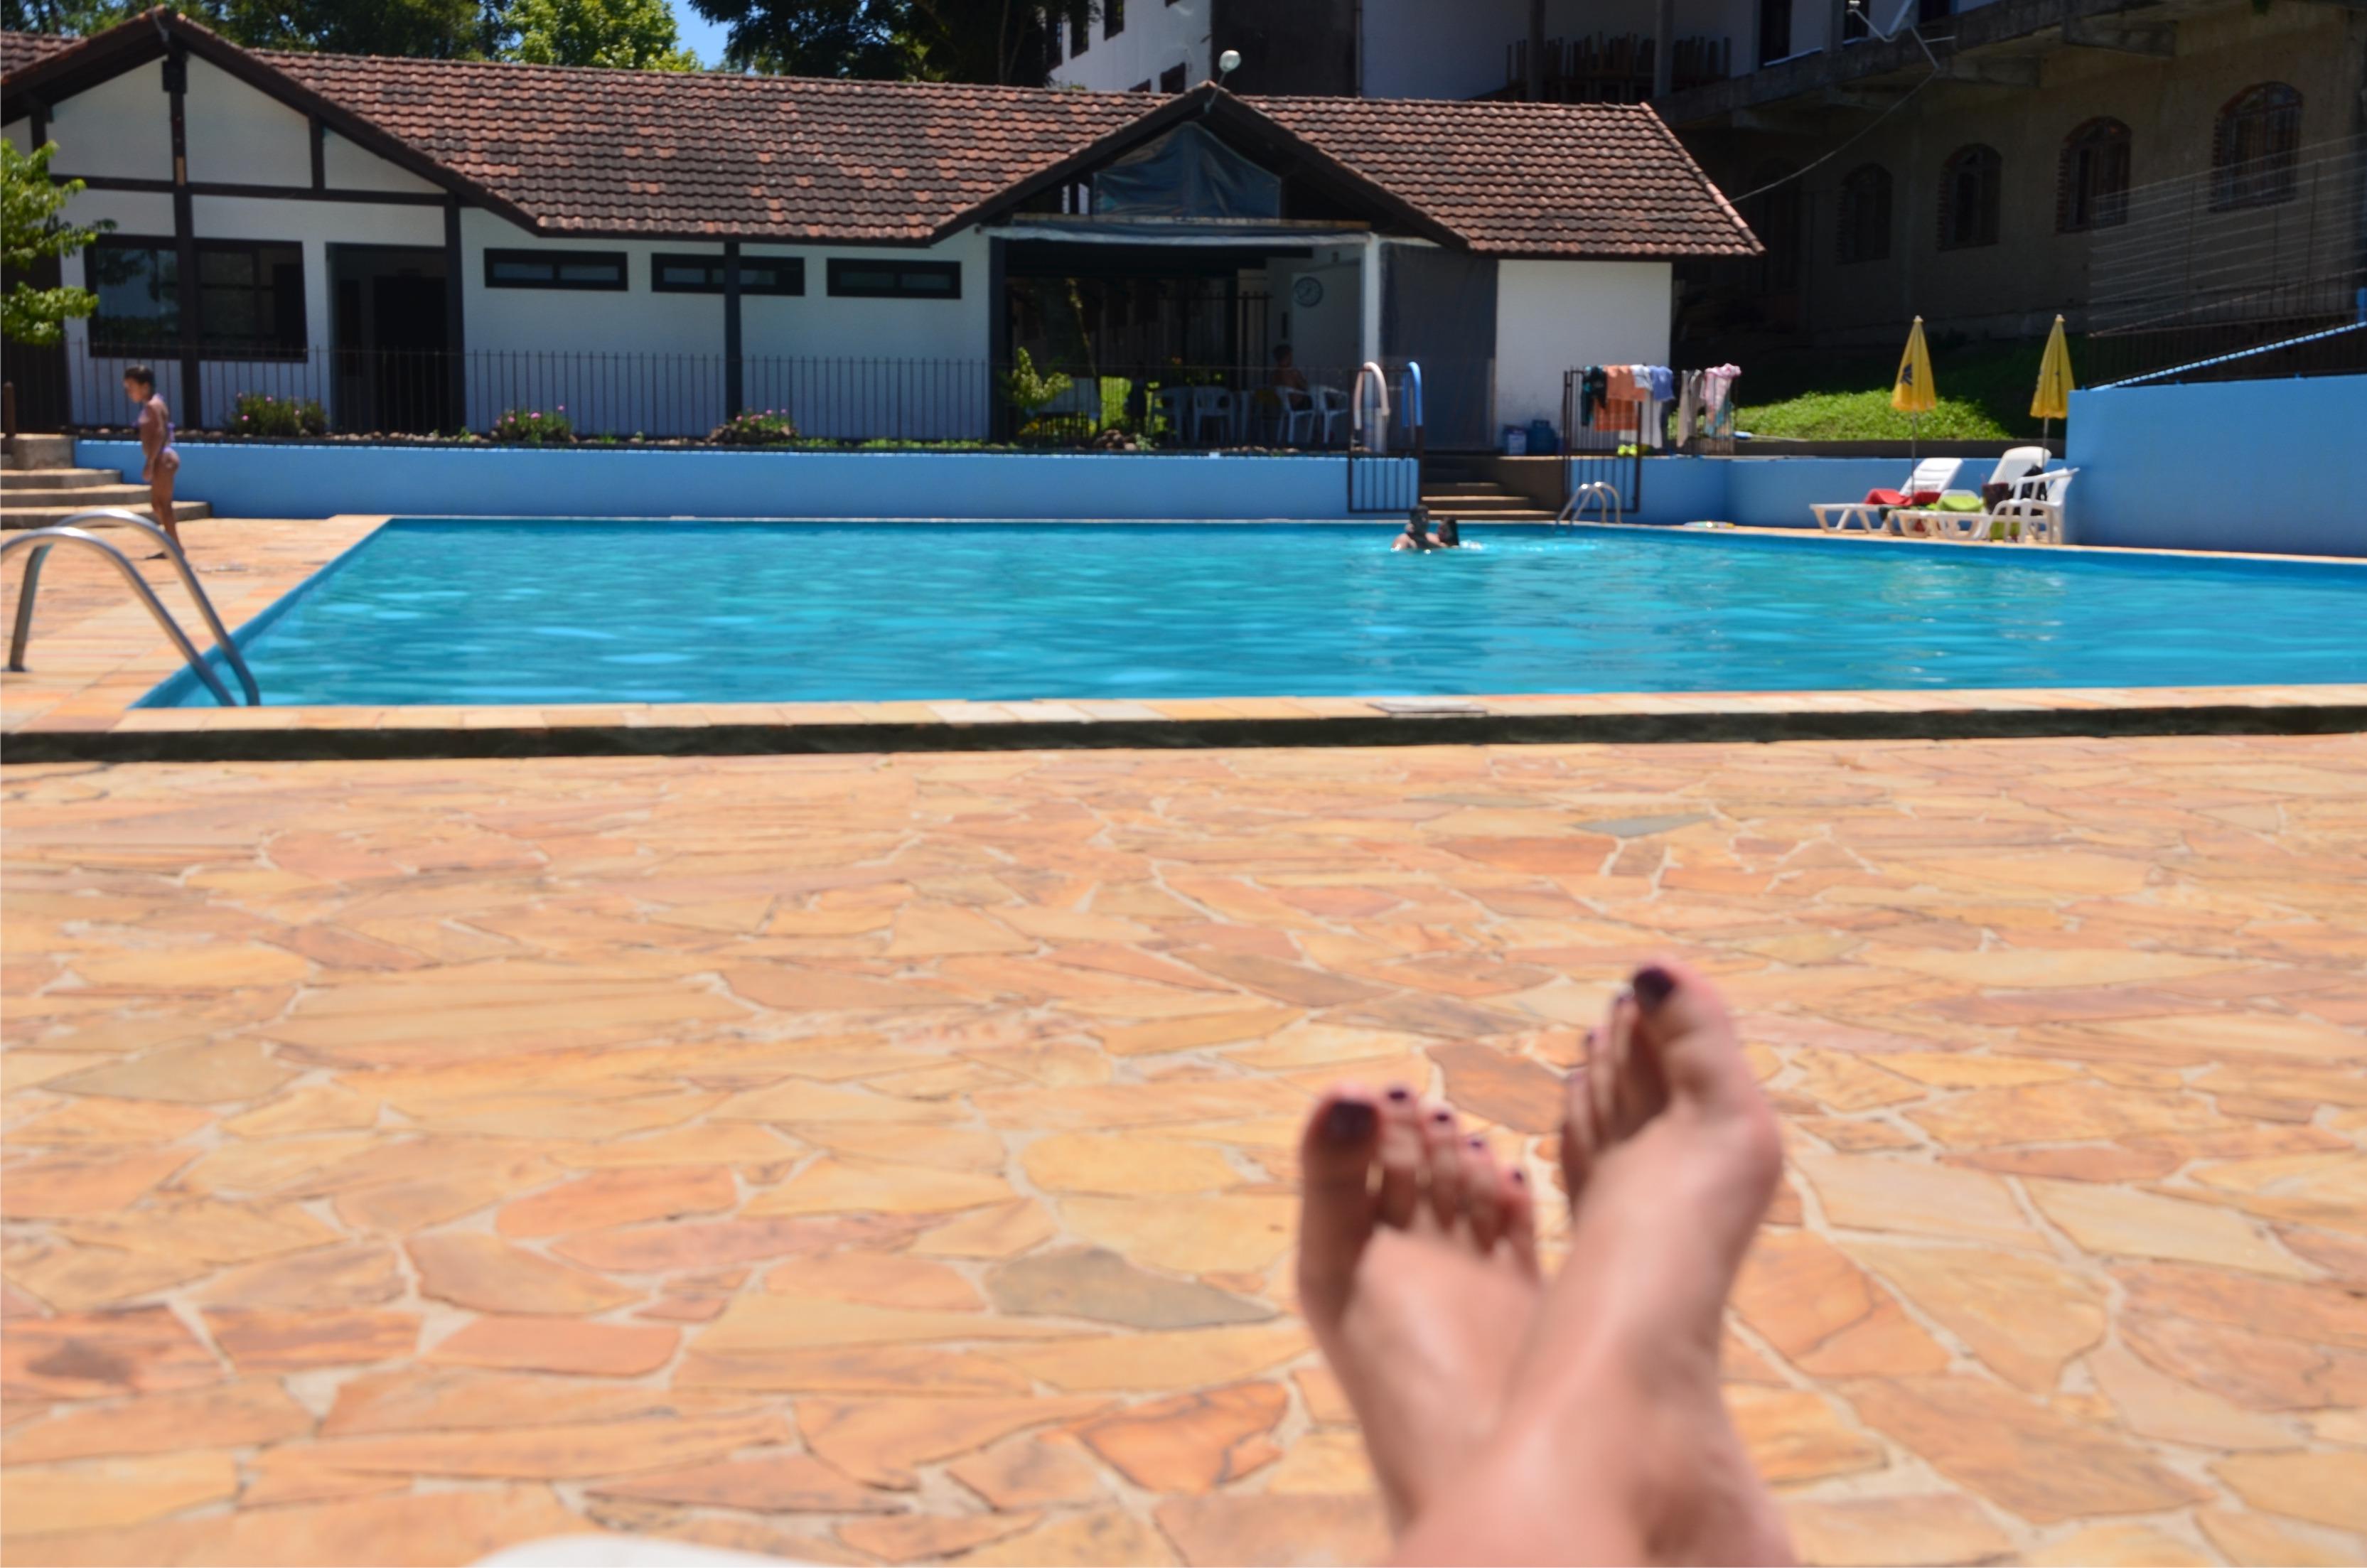 Projeto x 3 vou de cinta liga for Projeto x piscina